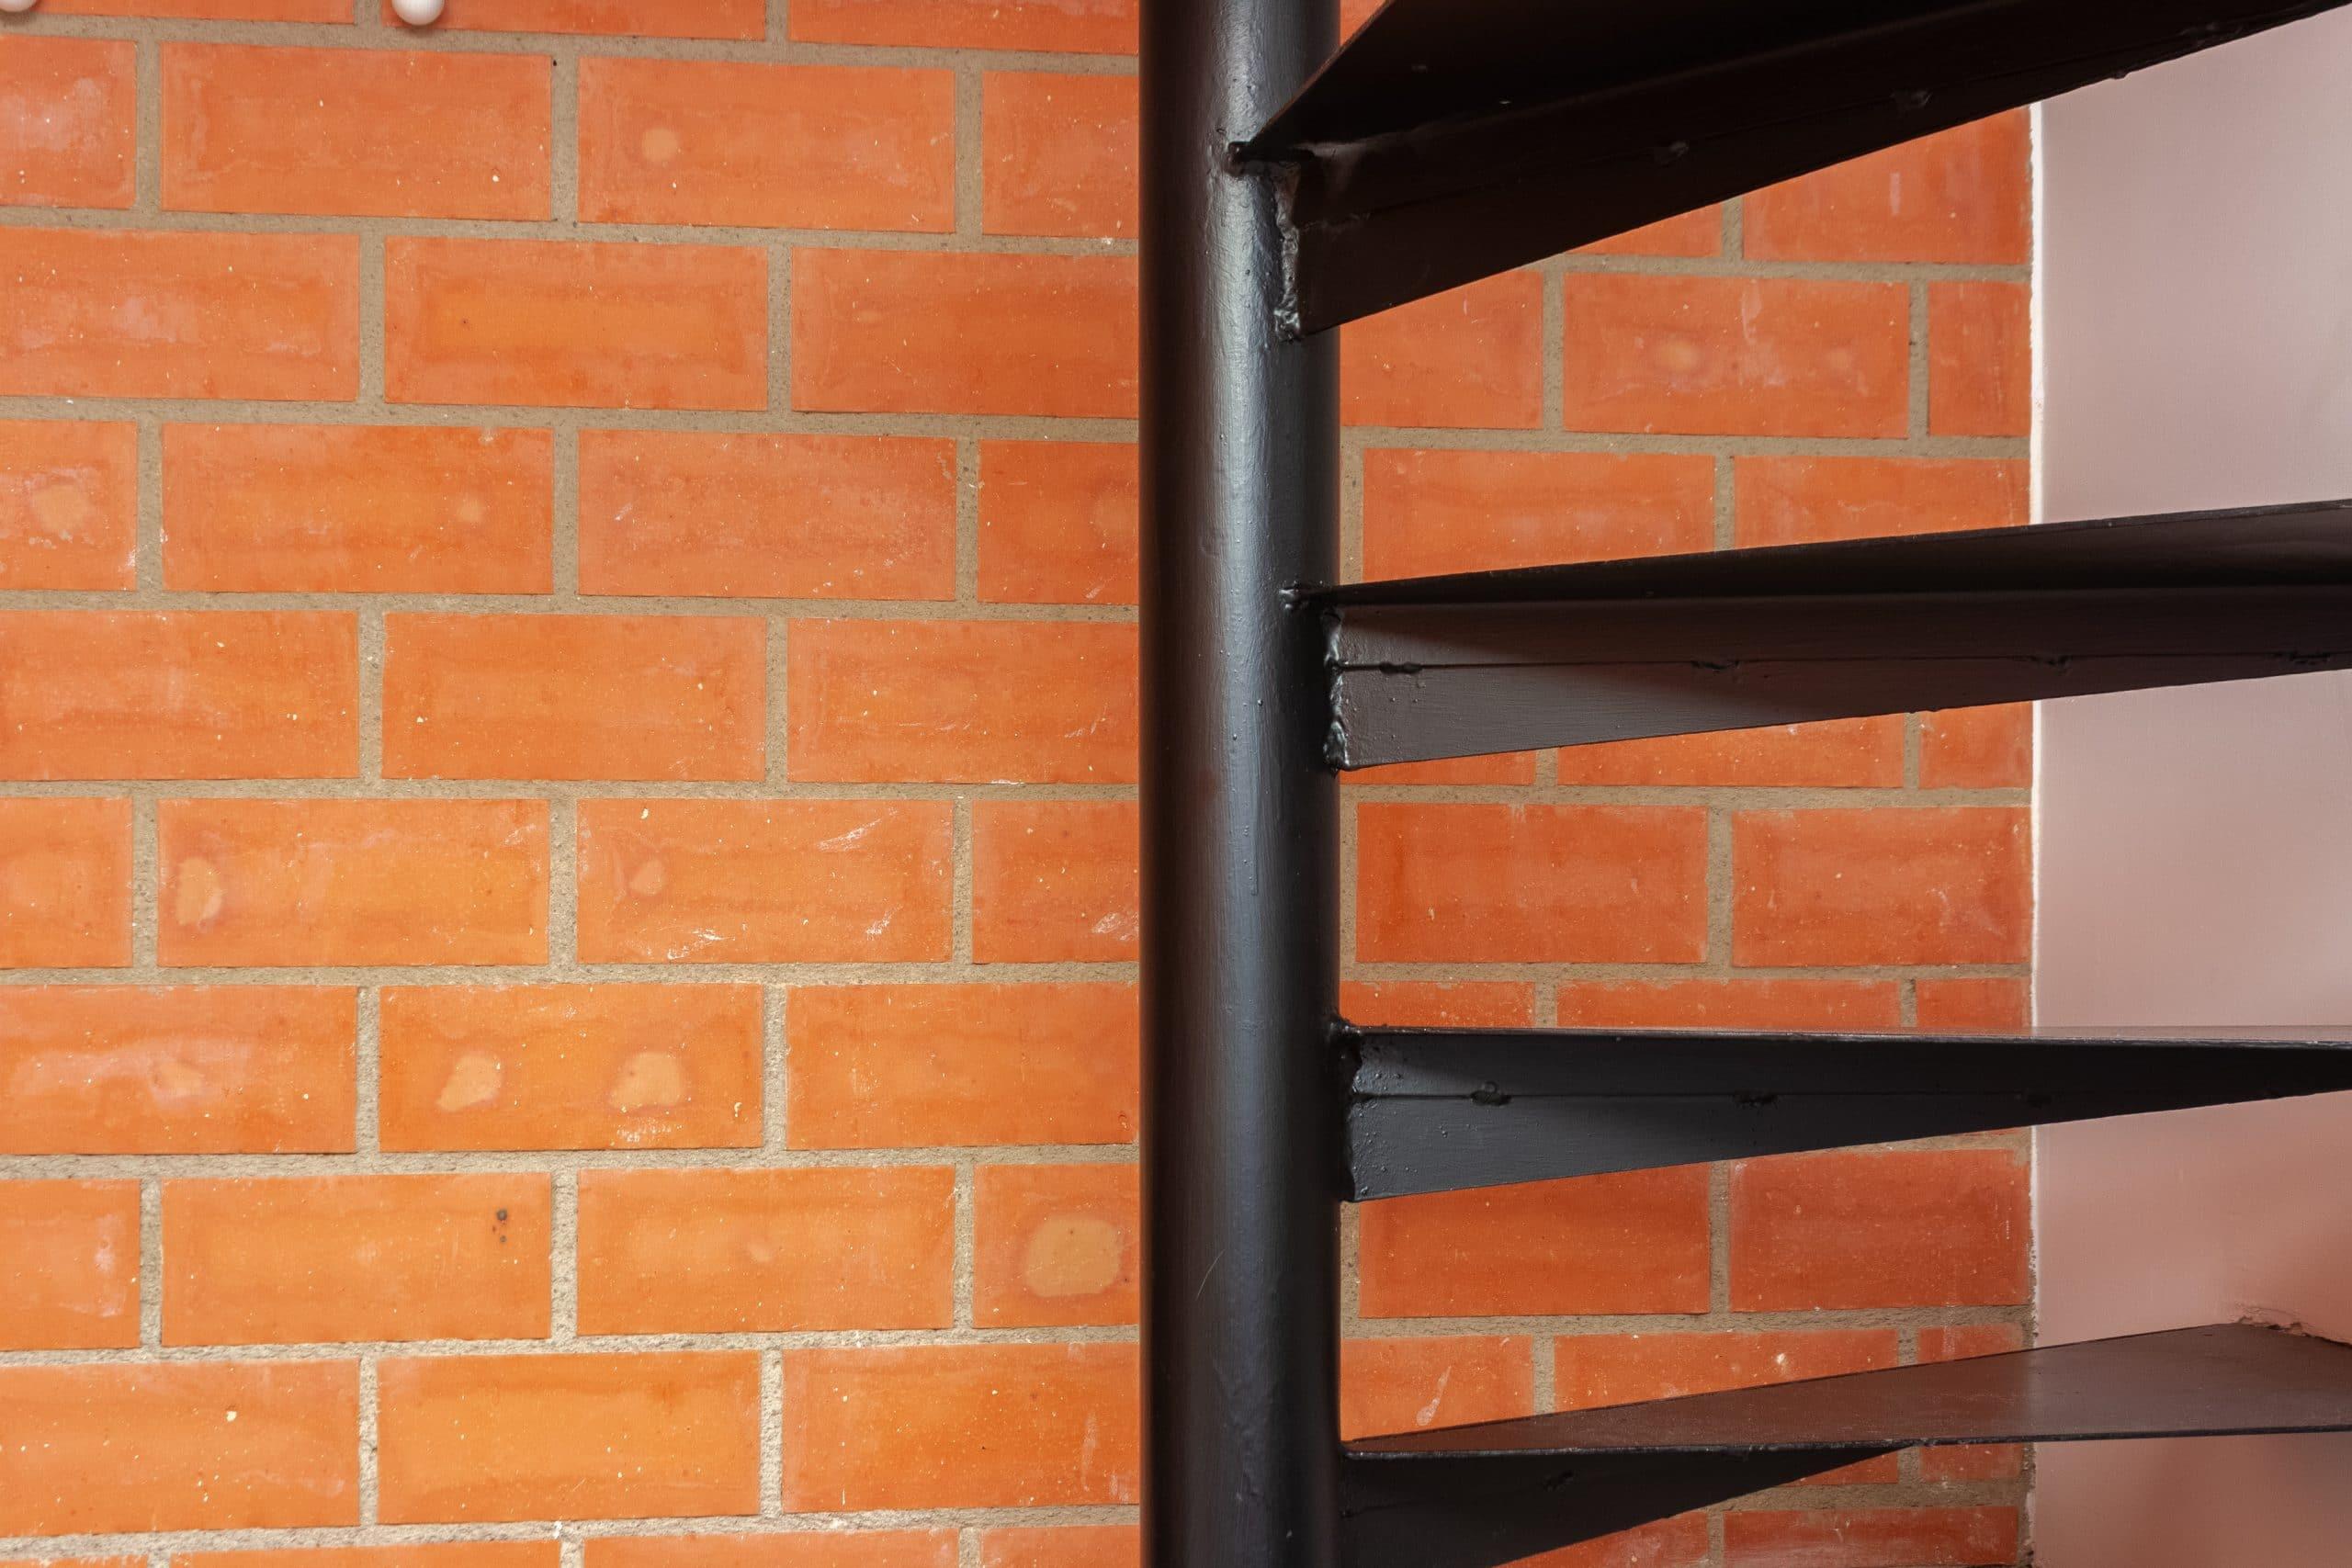 detalle-escalera-refoma-local-comercial-estudio-marlo